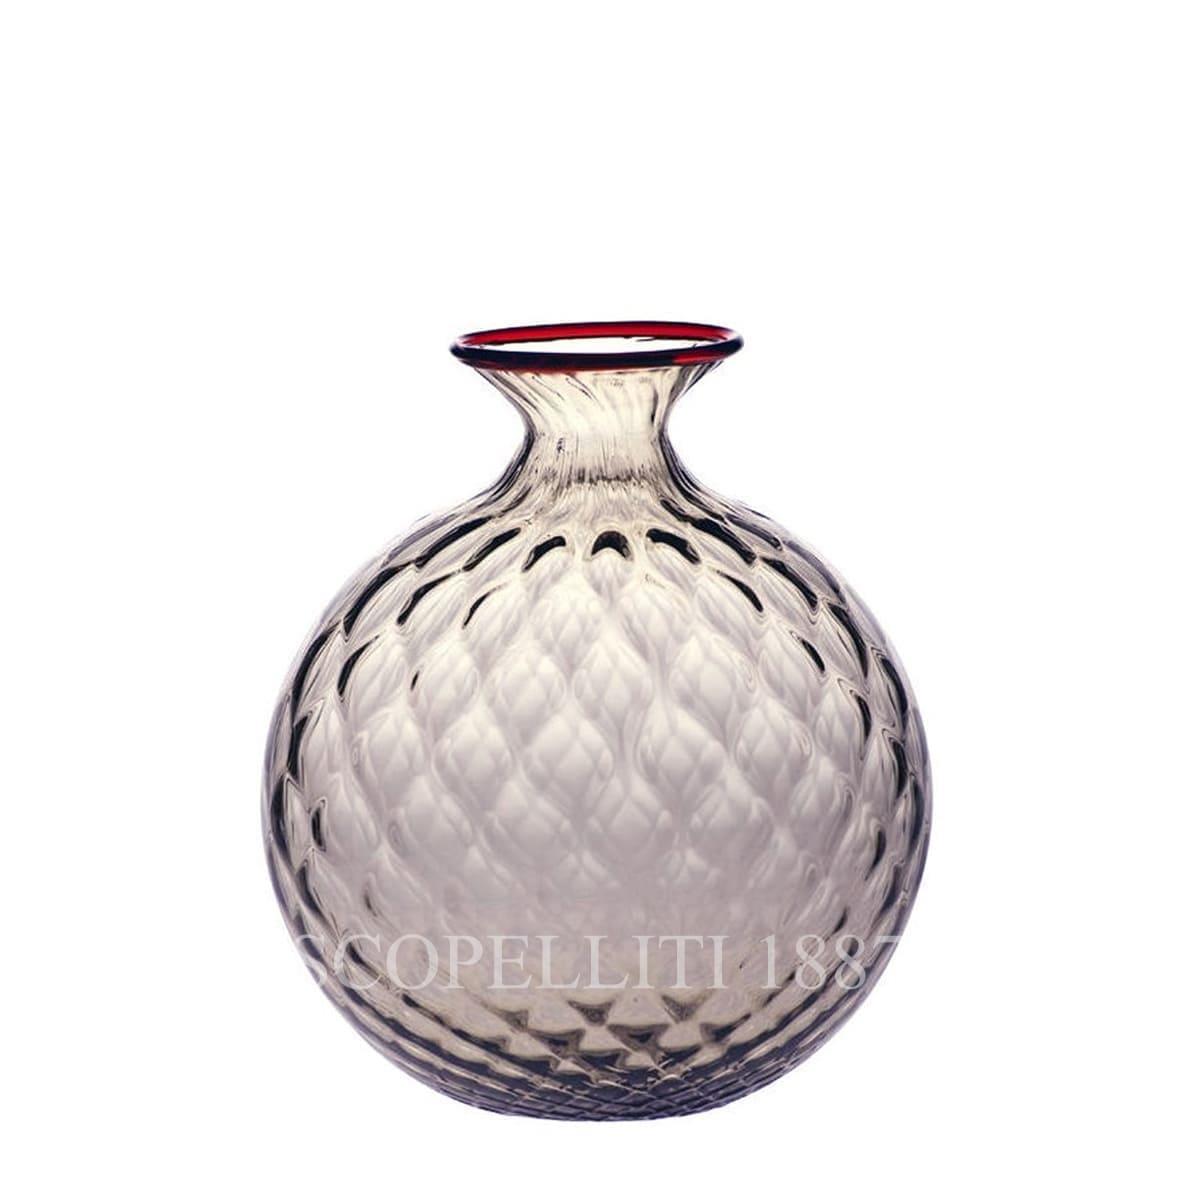 venini murano glass italian monofiore balloton vase limited edition taupe